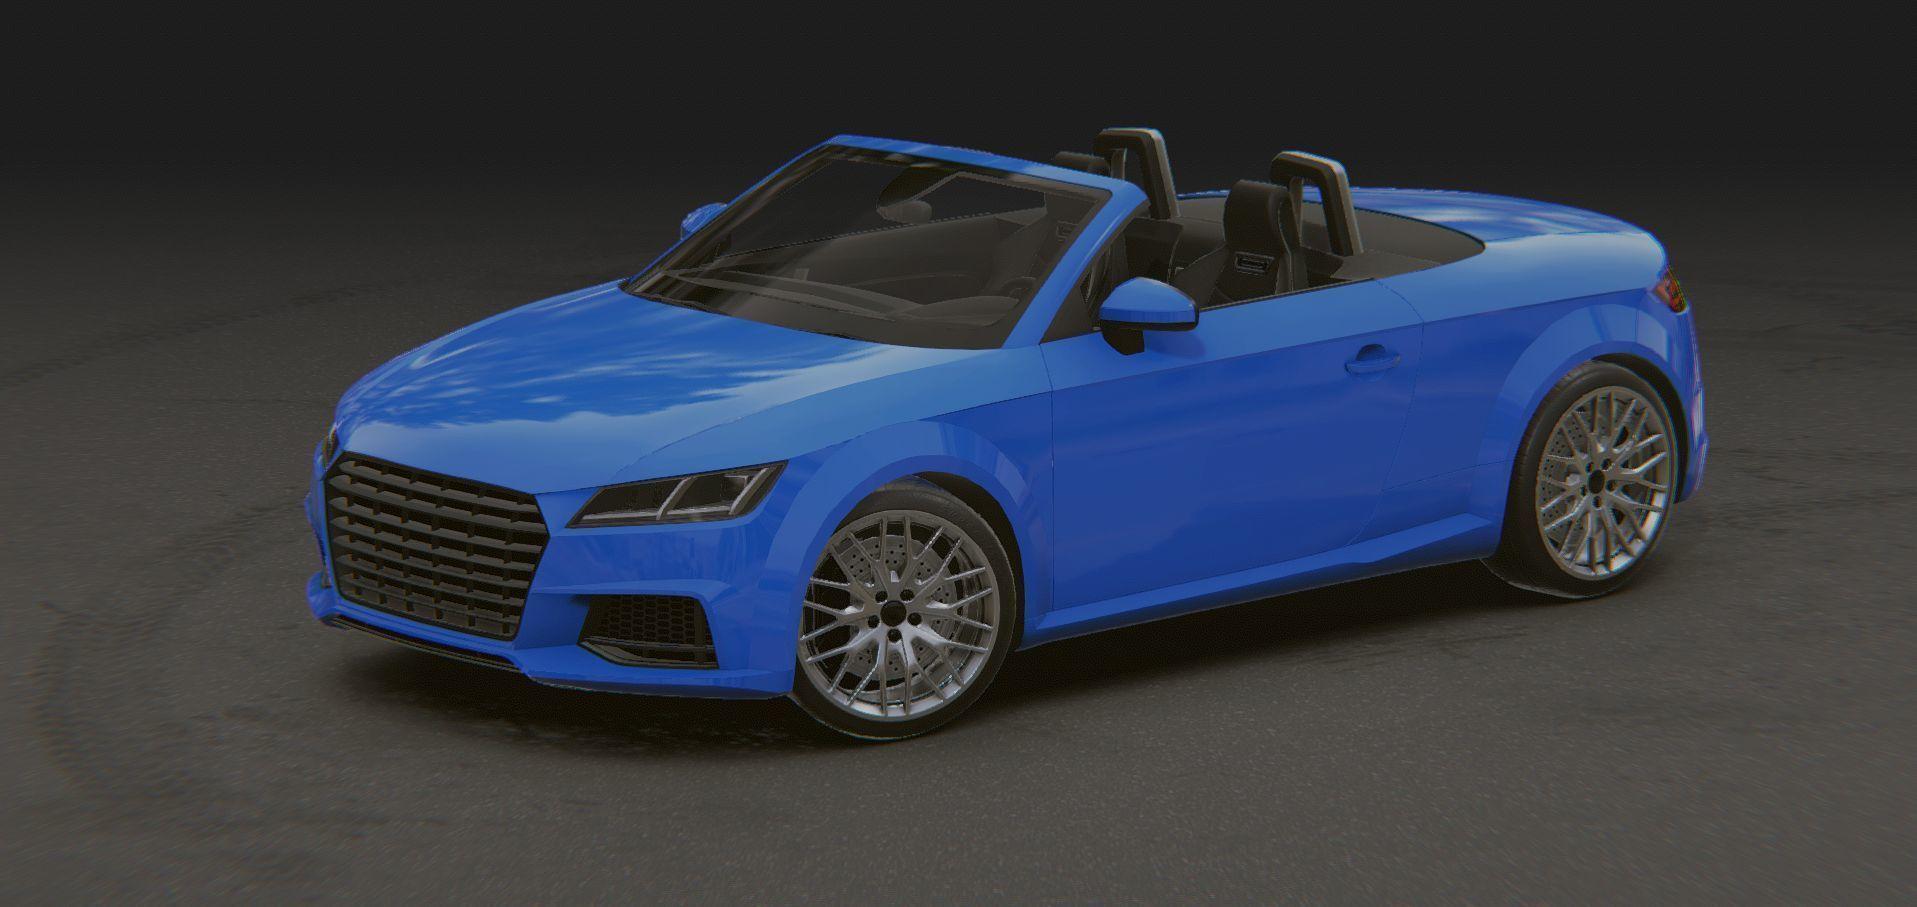 Realistic Mobile Car 14 Audi TT Roadster